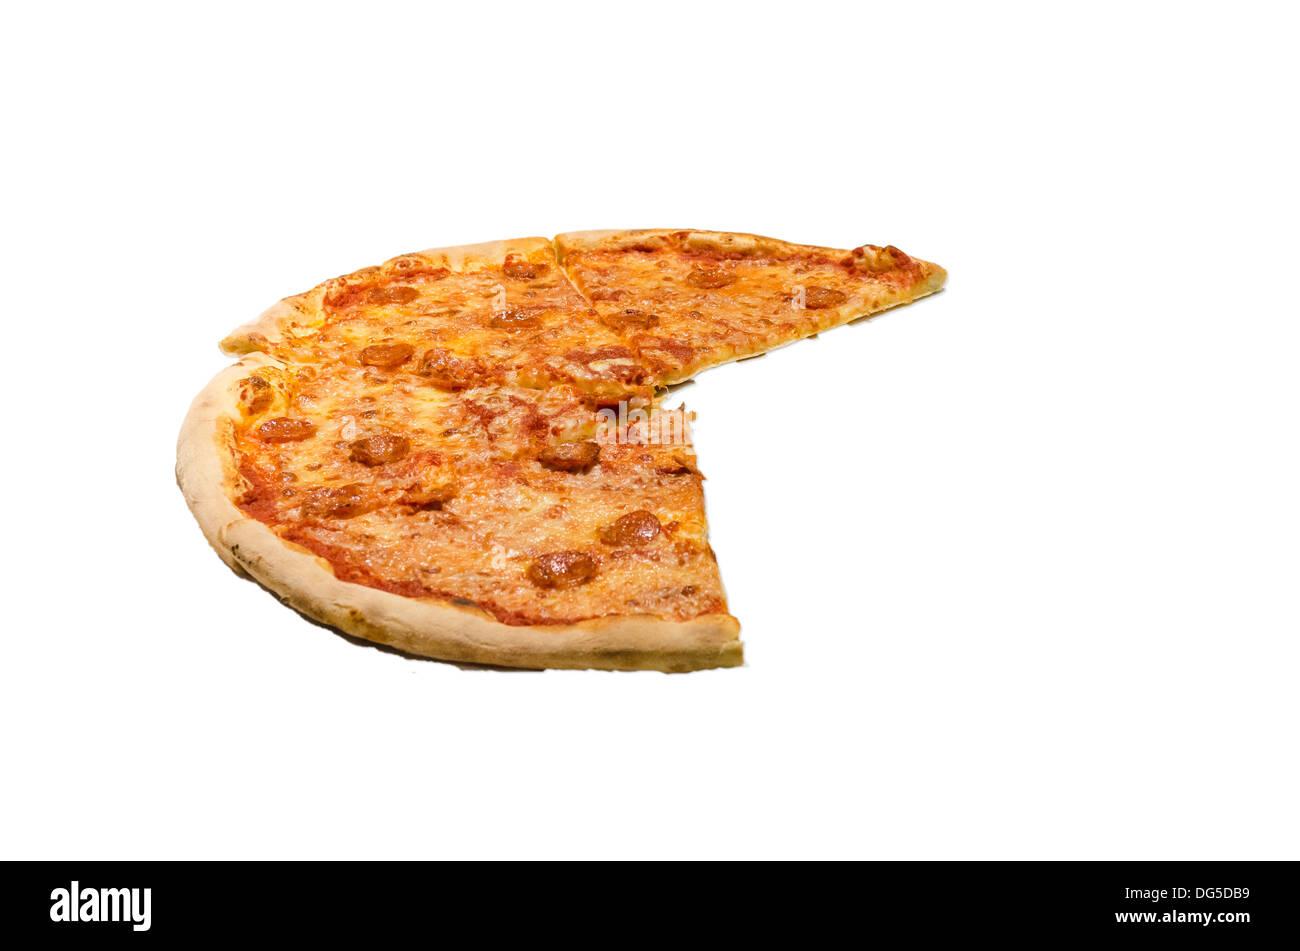 Grande pizza avec une tranche manquant, découper avec un fond blanc. Photo Stock